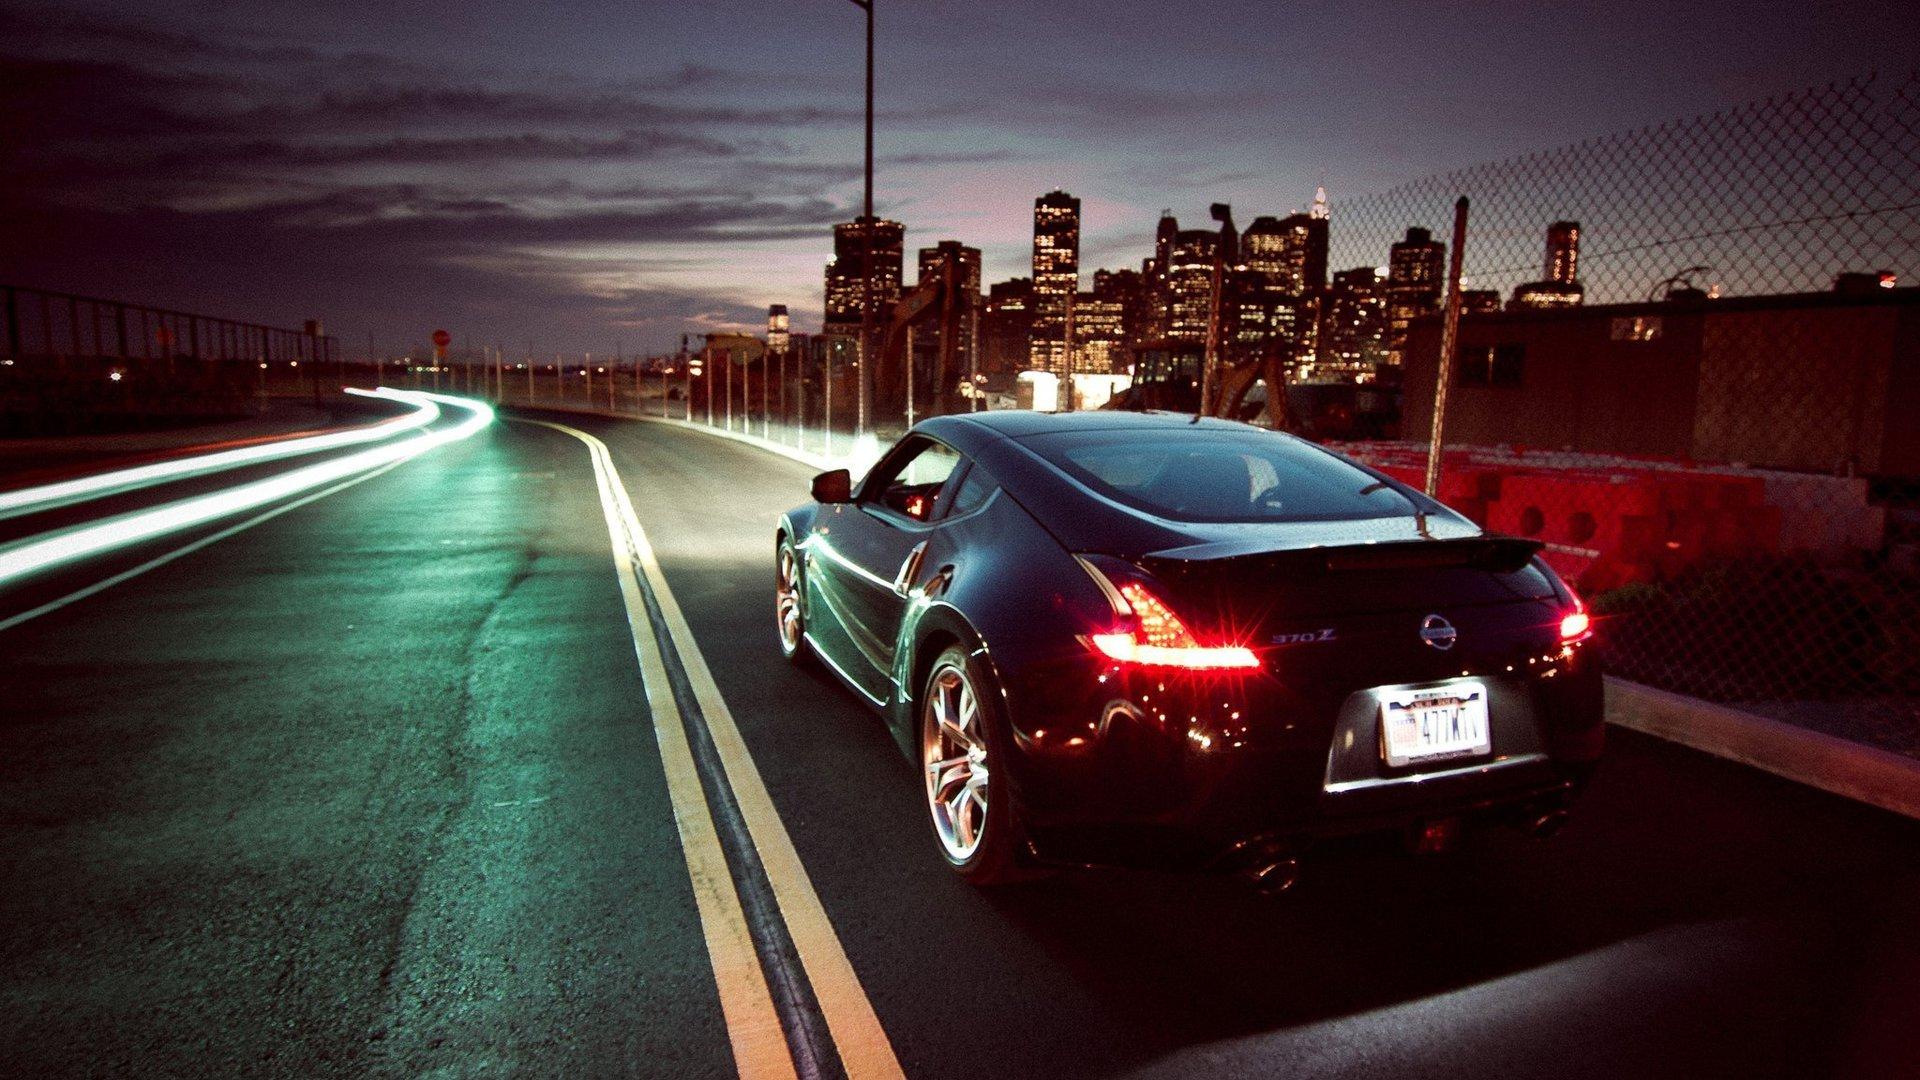 светлее область, картинки вечерние машины также запросто выйдет